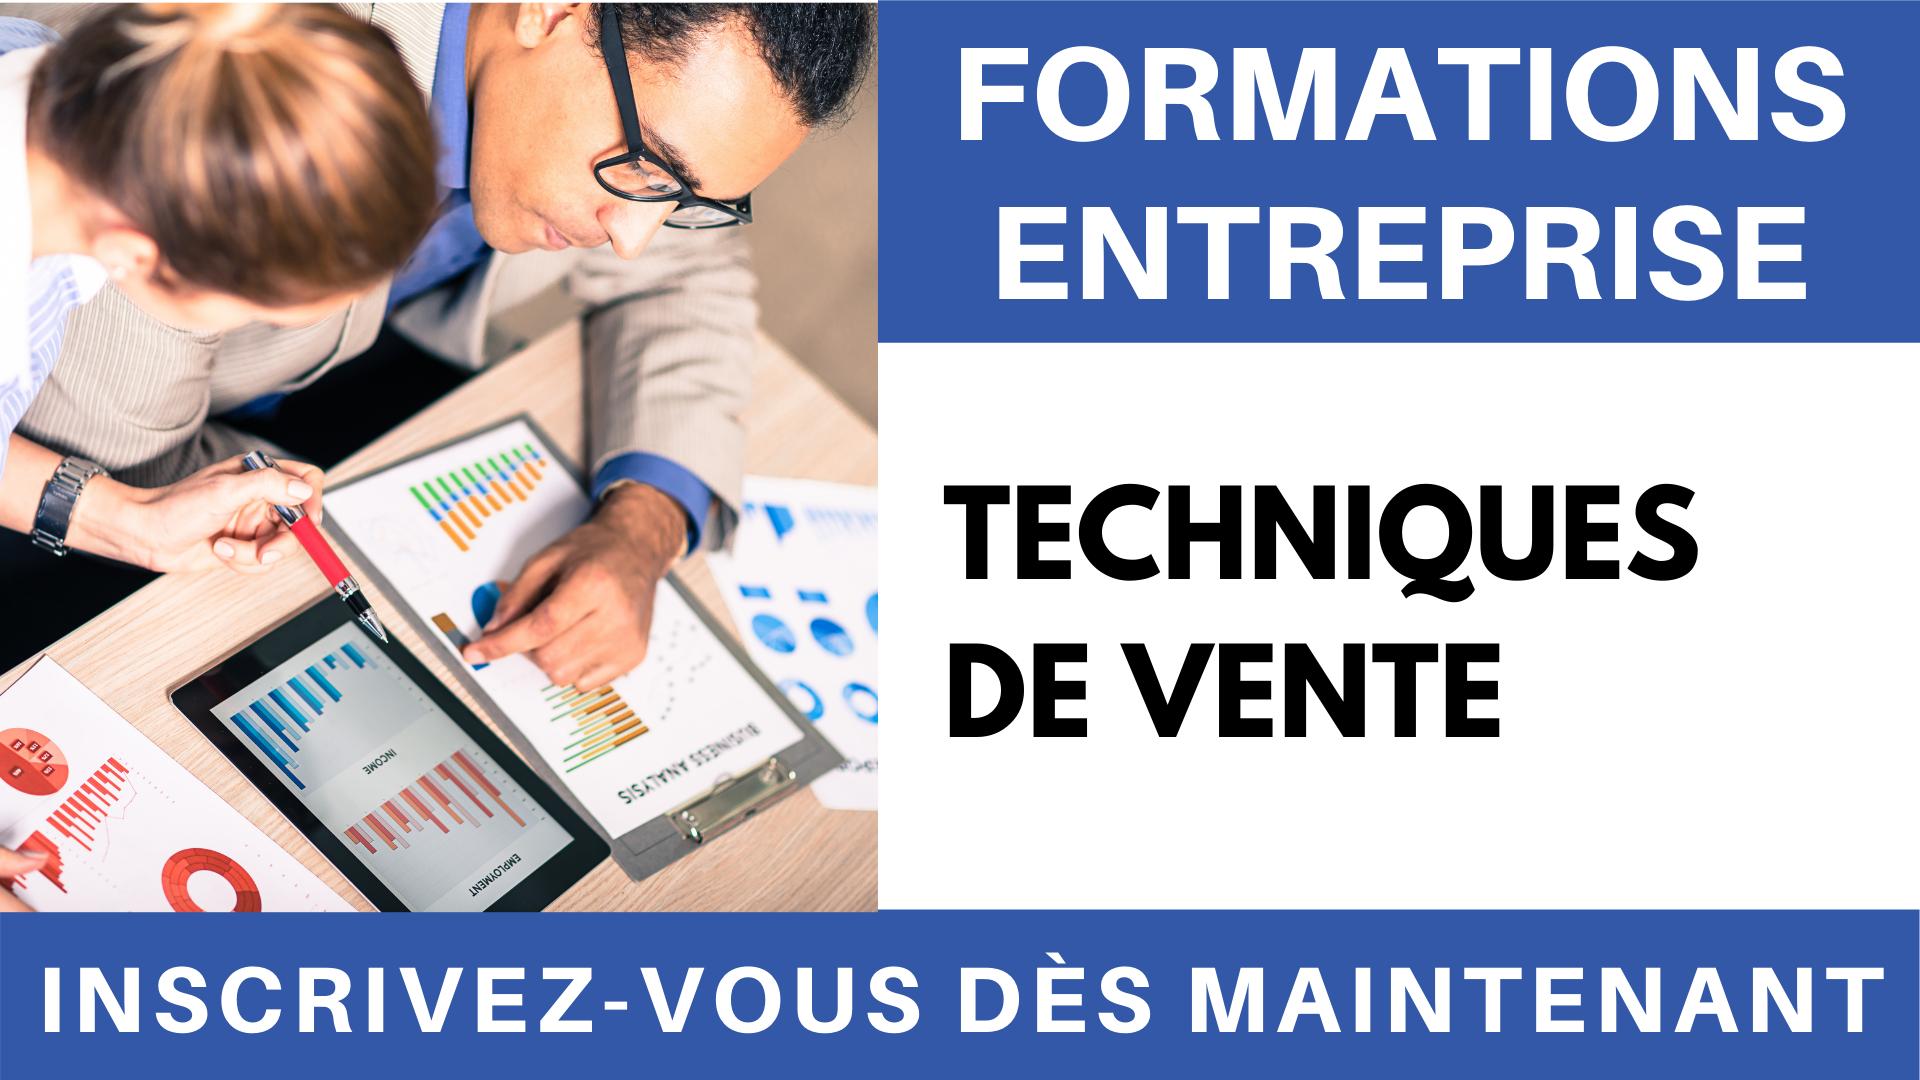 Formation entreprise - Techniques de vente